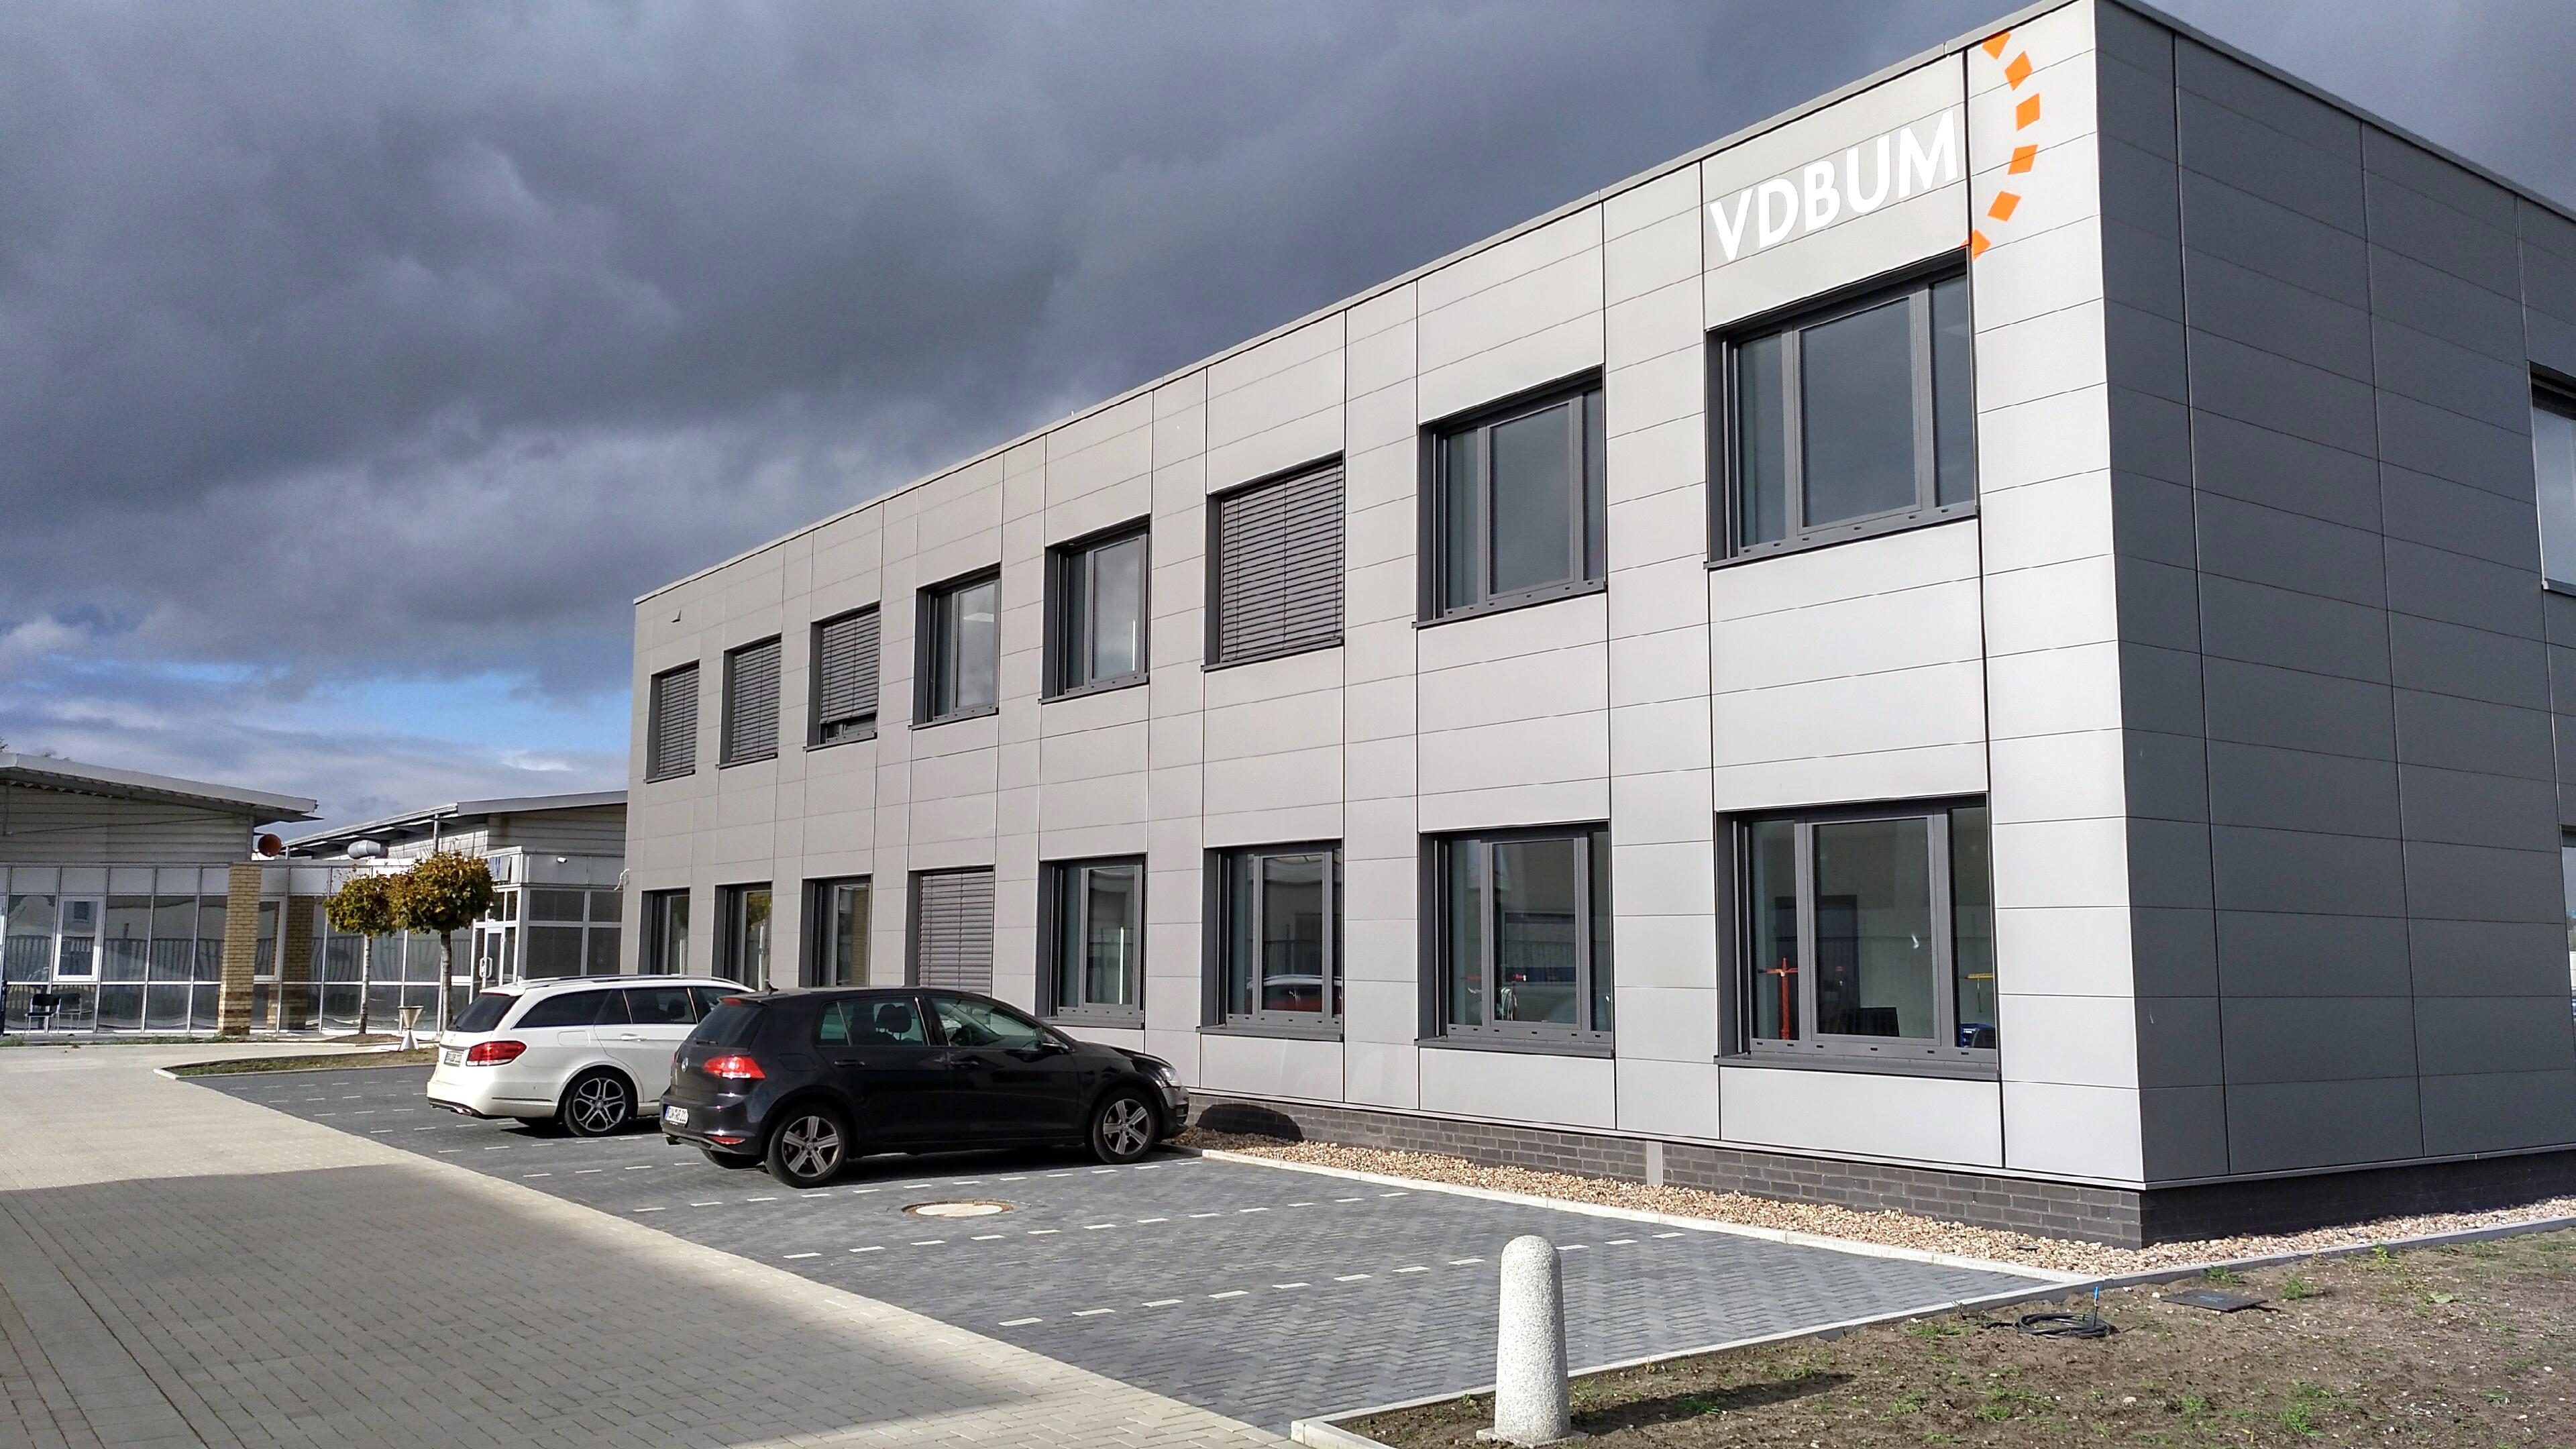 VDBUM – Neubau der Verbands-Geschäftsstelle